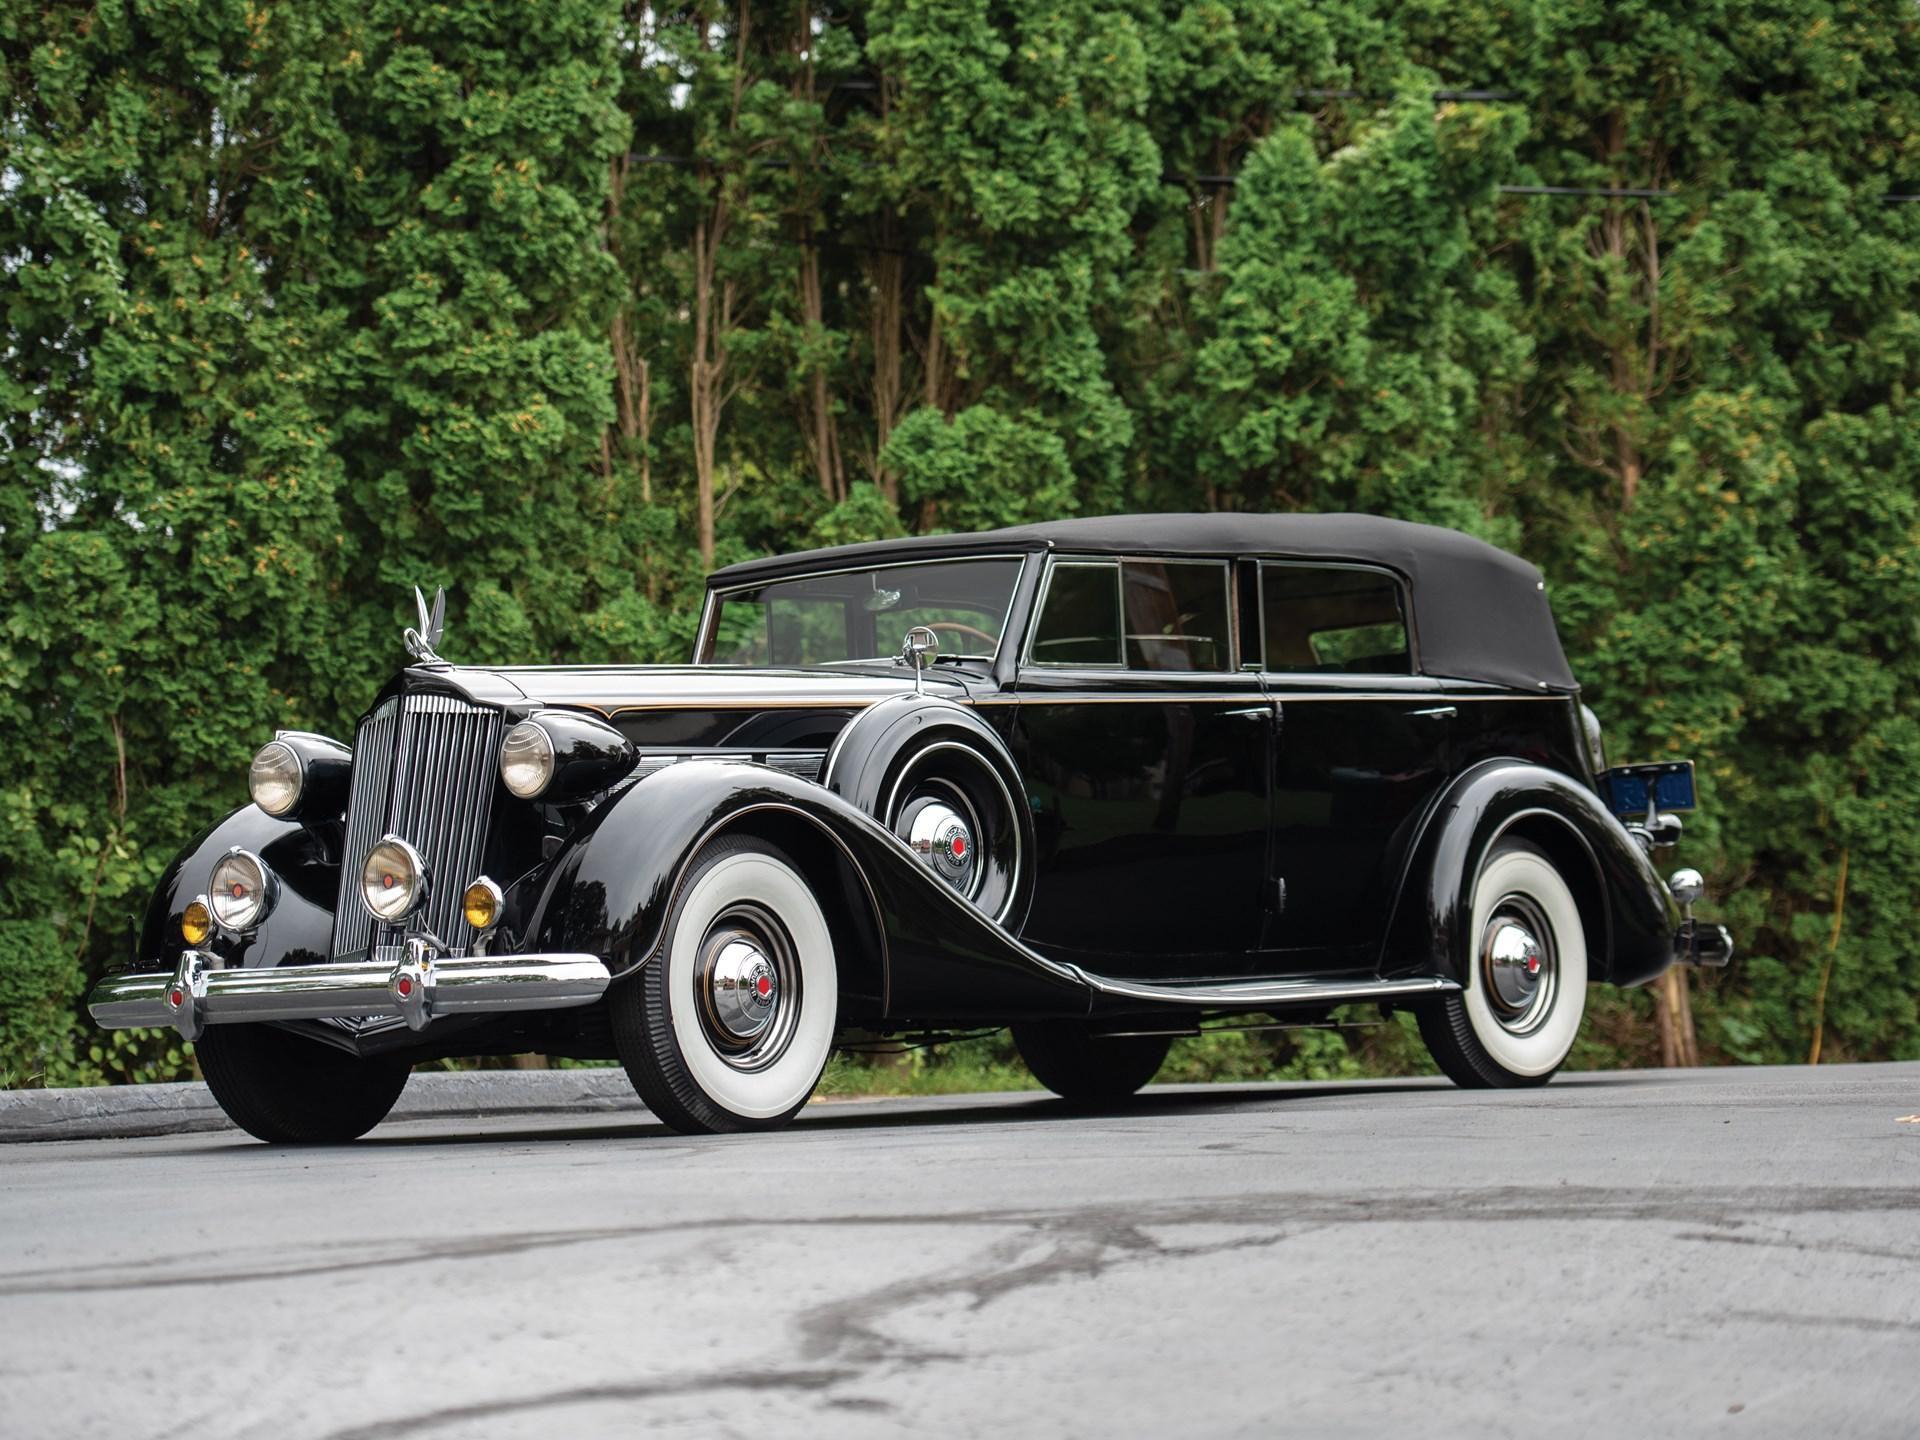 1937 Packard Super Eight Convertible Sedan